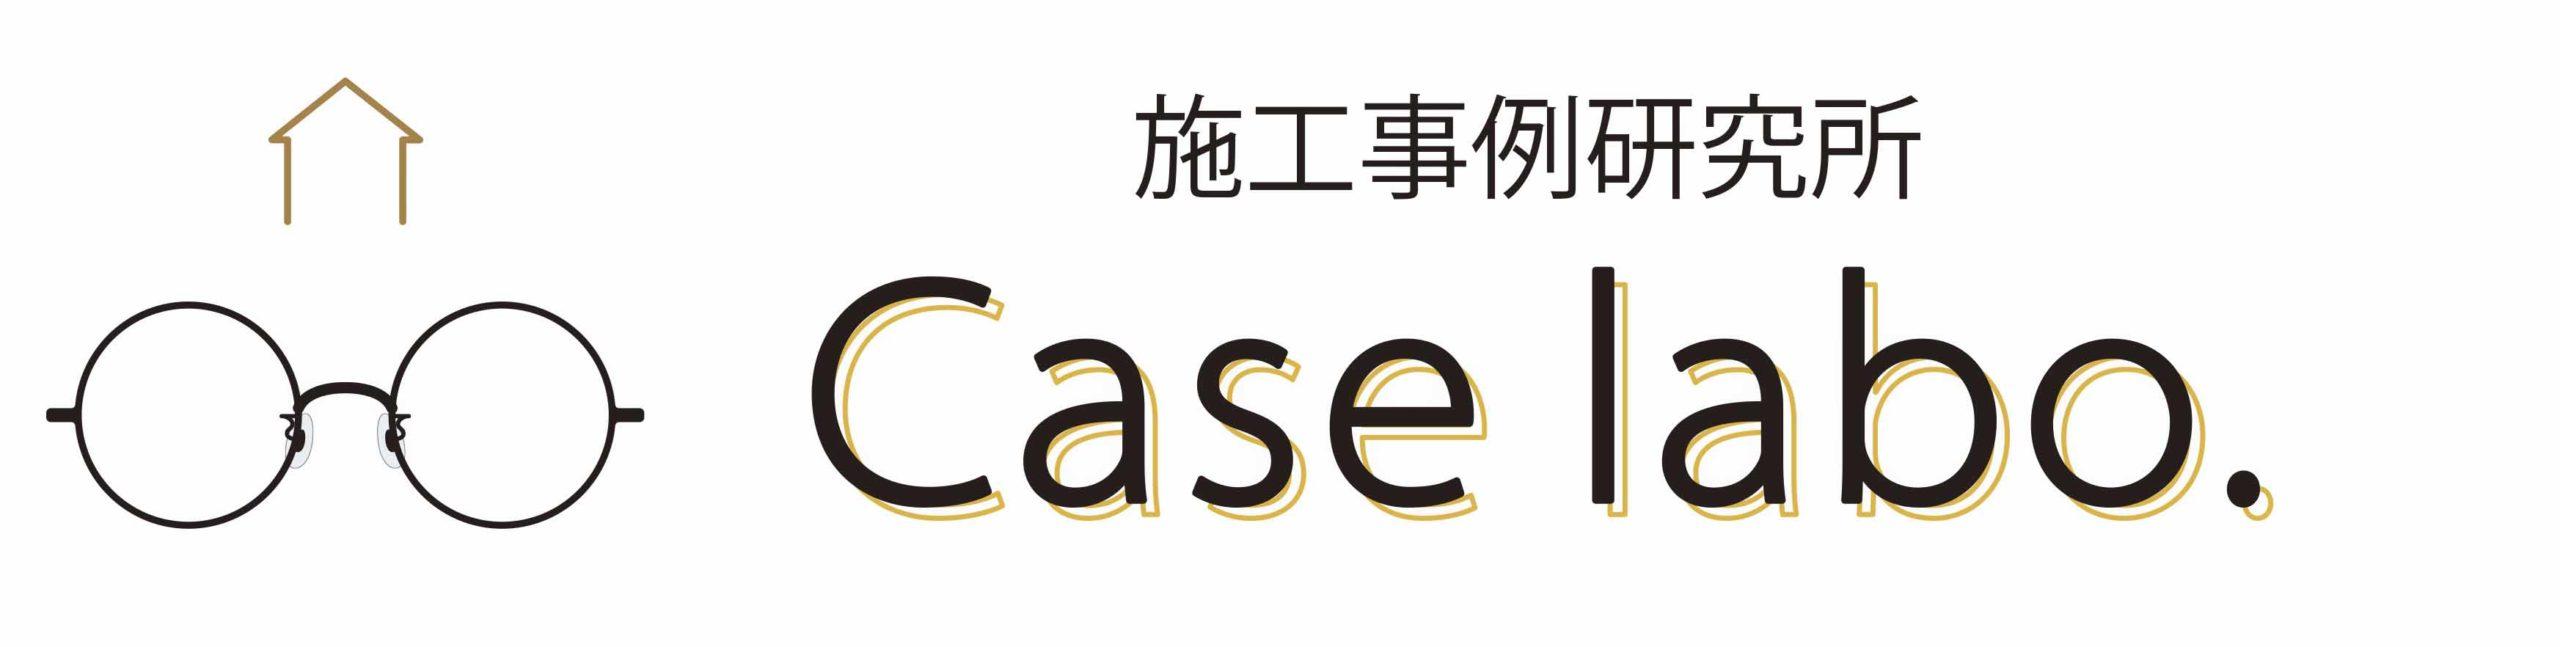 """""""支持される工務店""""への道を切り拓く、施工事例のCase labo."""